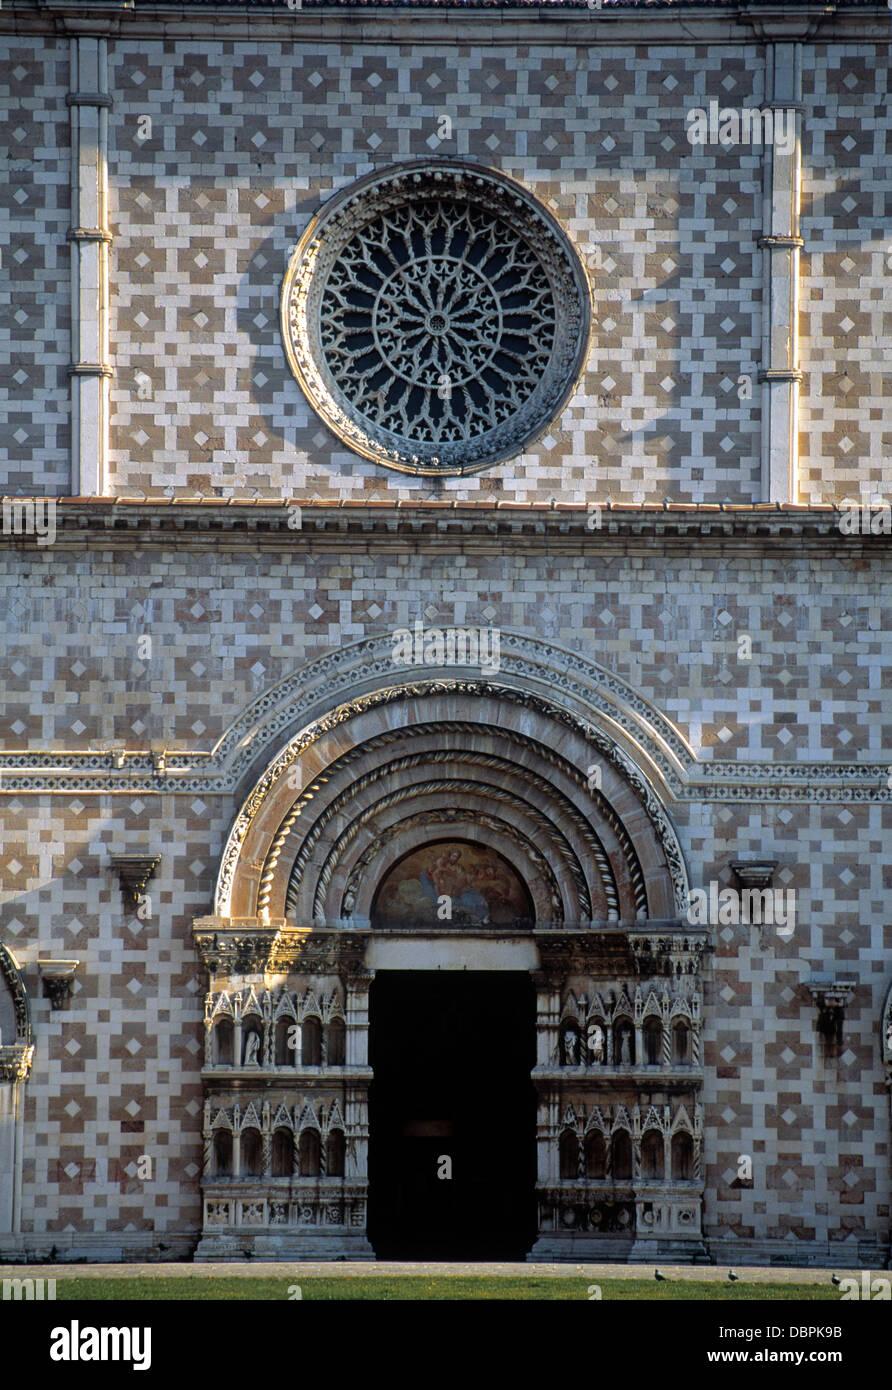 The church of Santa Maria di Collemaggio, L'Aquila, Abruzzo, Italy - Stock Image